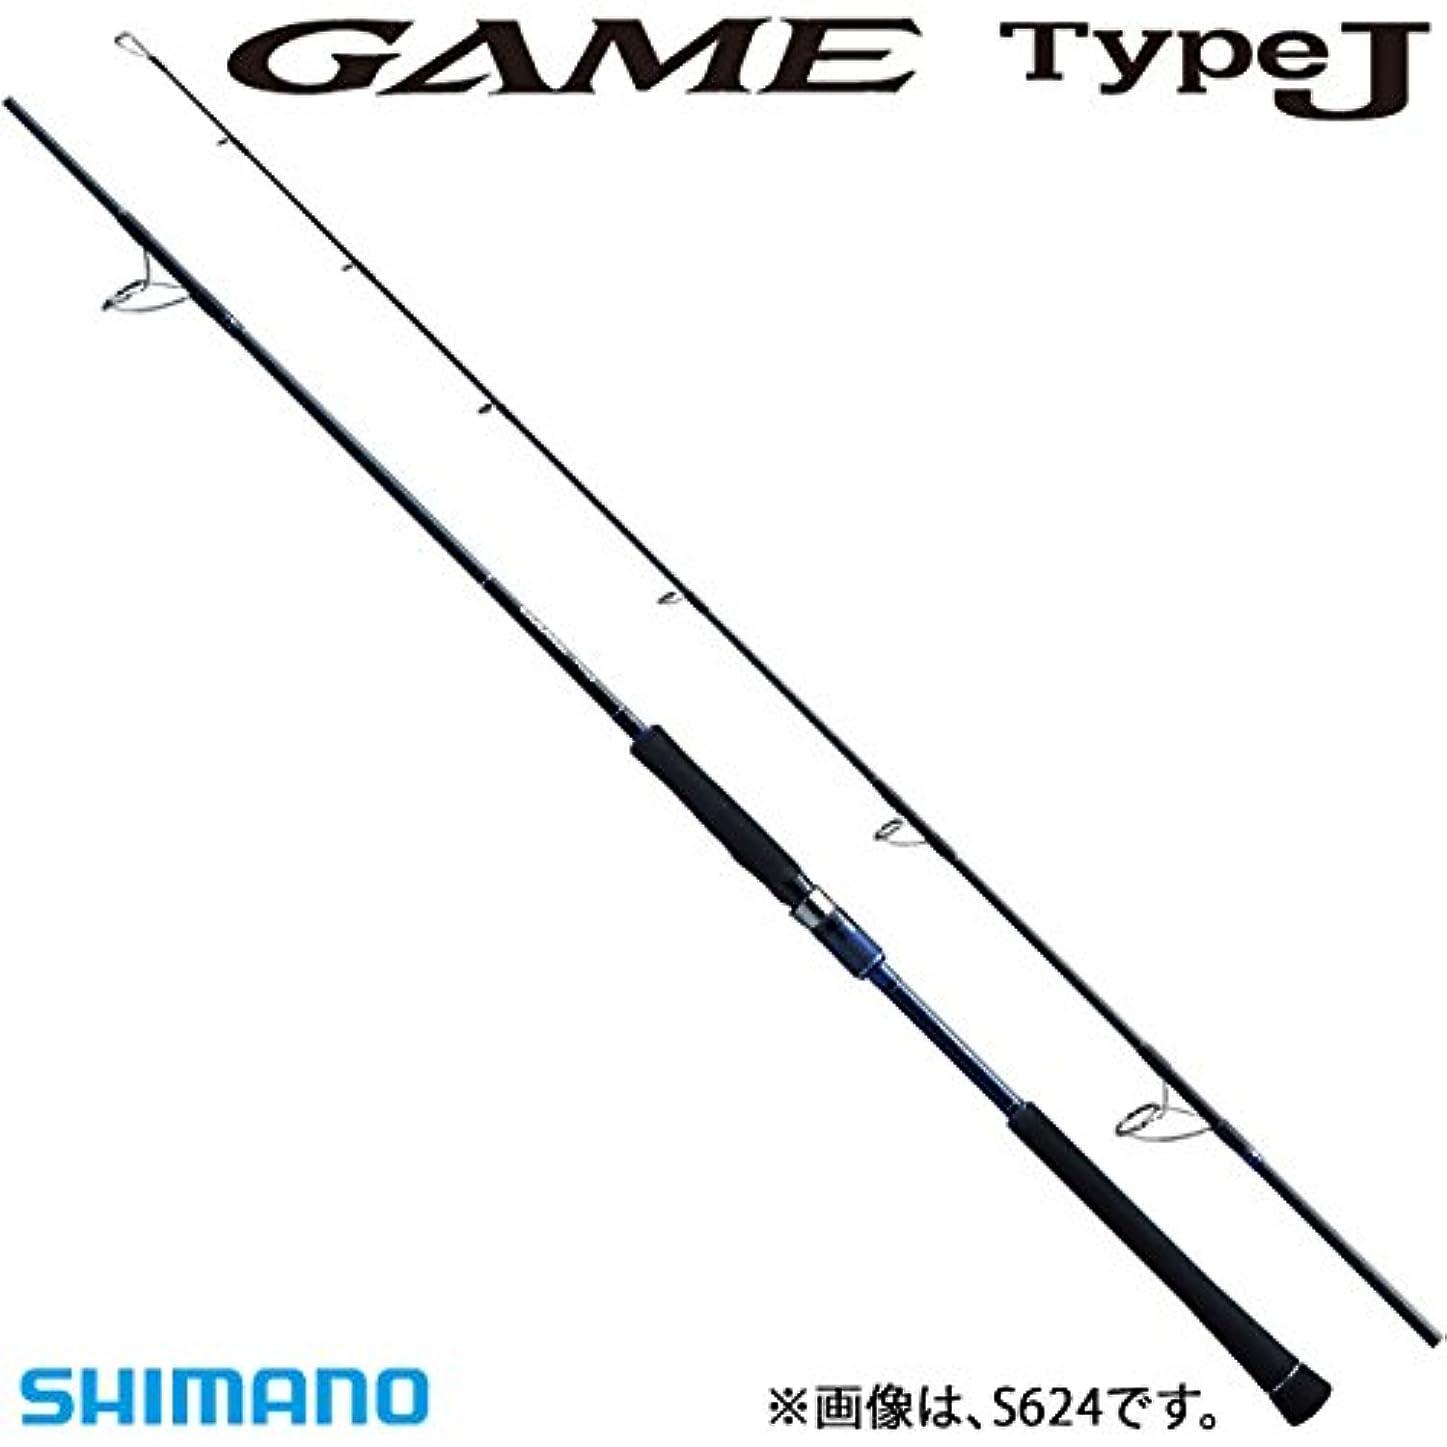 なるセージペネロペシマノ ロッド ゲーム タイプJ S624